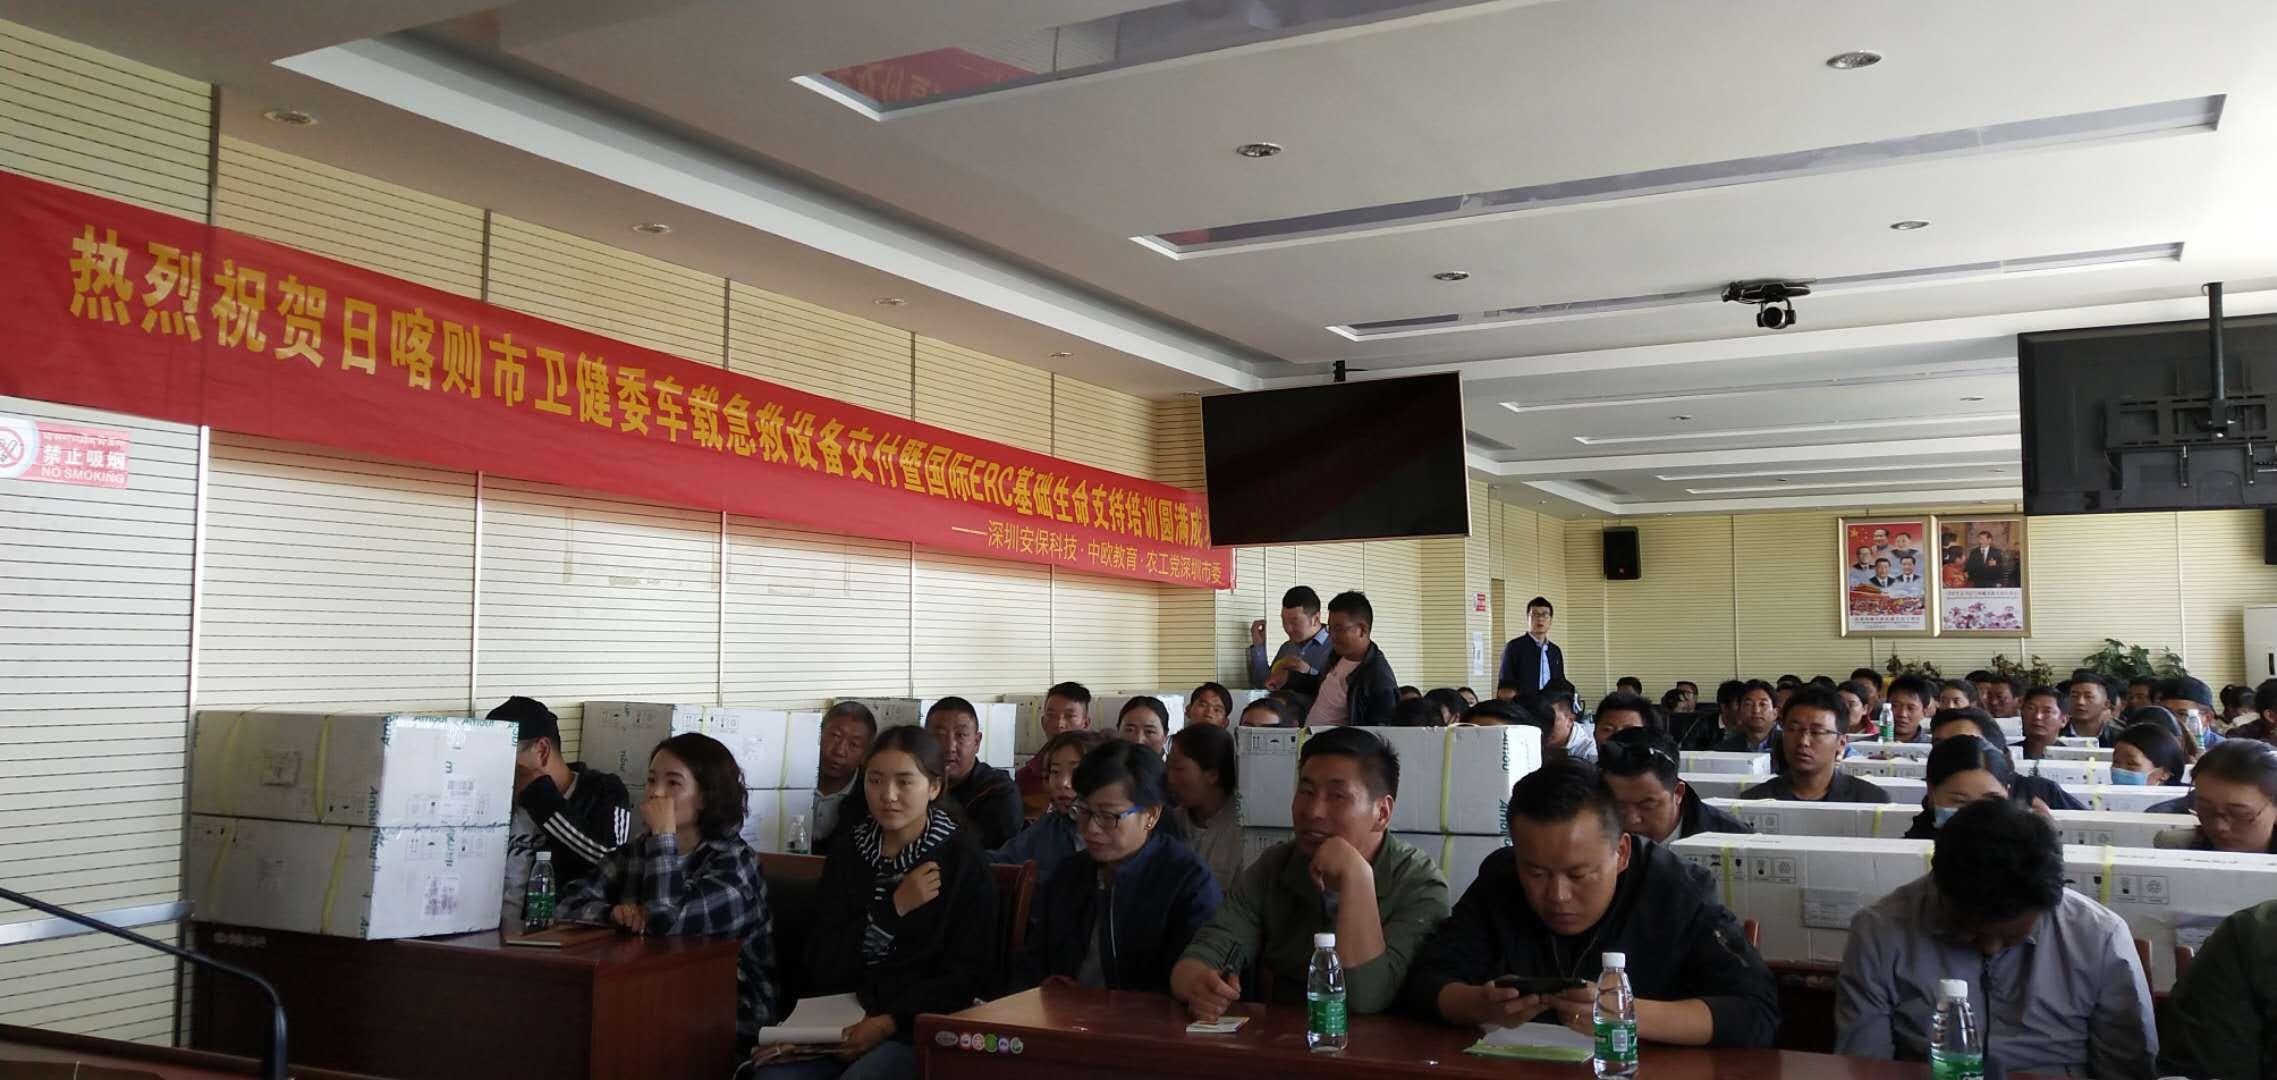 深圳安保科技135套急救设备驰援日喀则 将极大提升当地急救医疗水